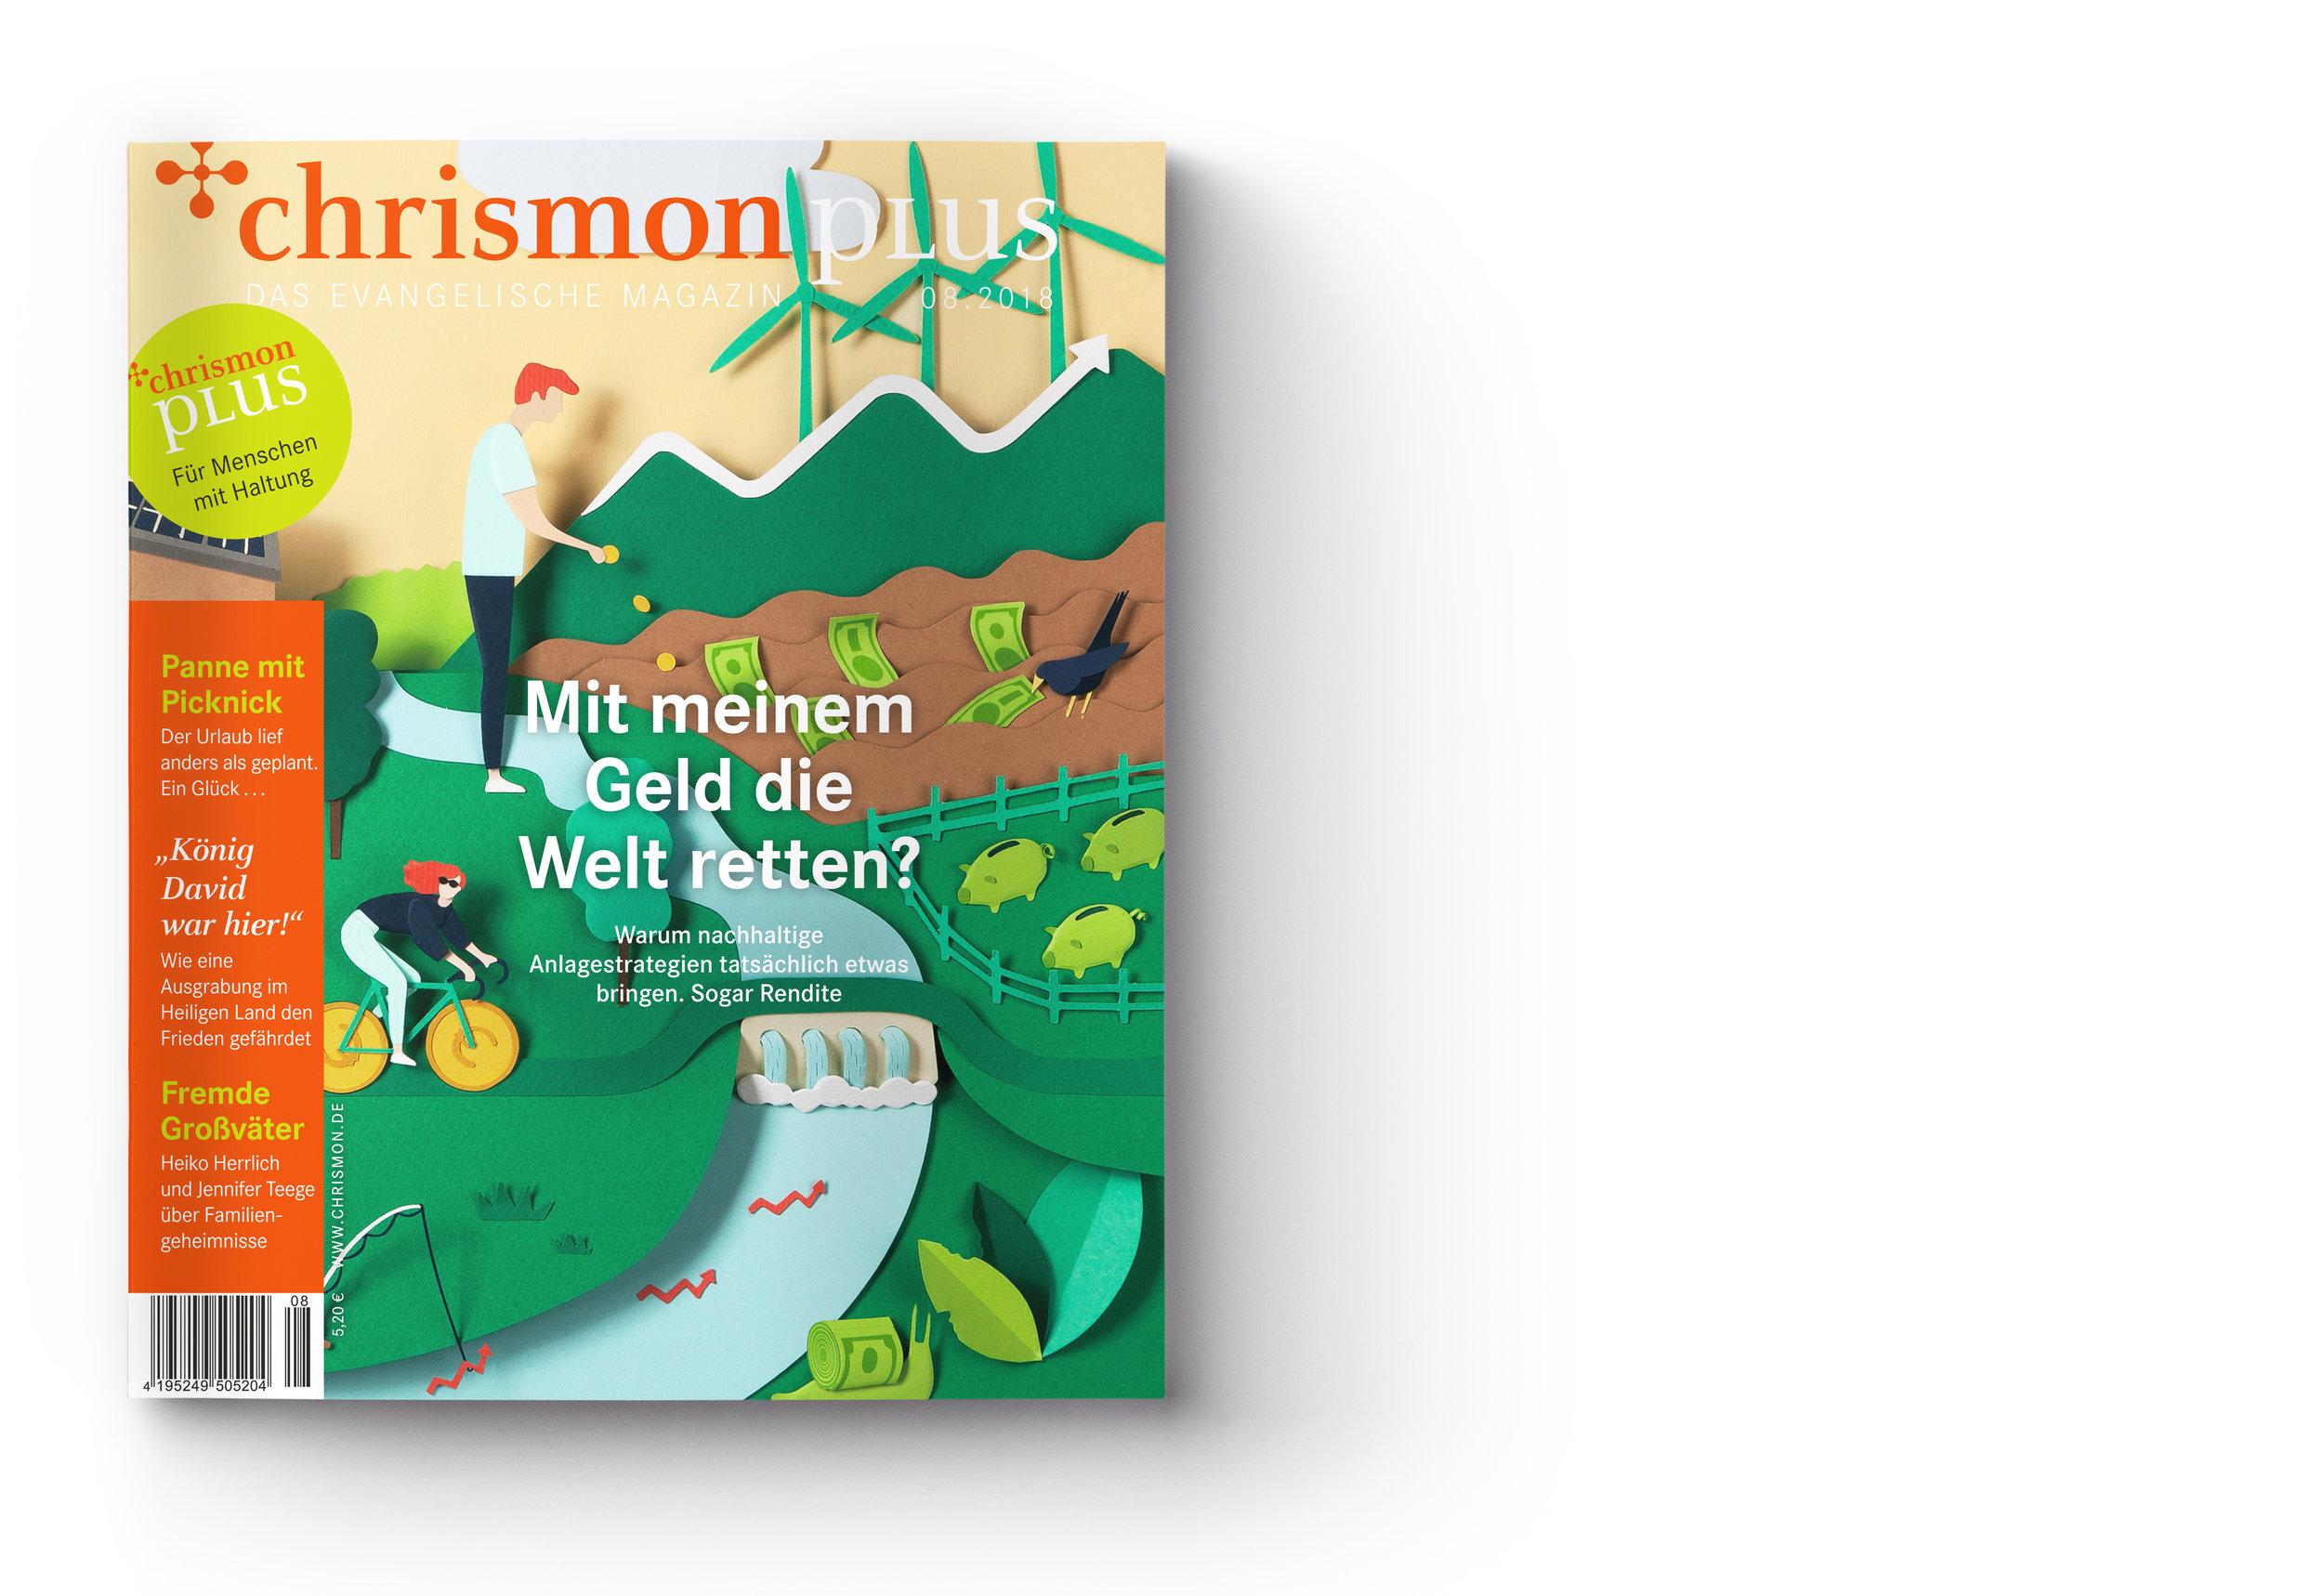 WRK_chrismon cover_grünes Geld COVER.jpg